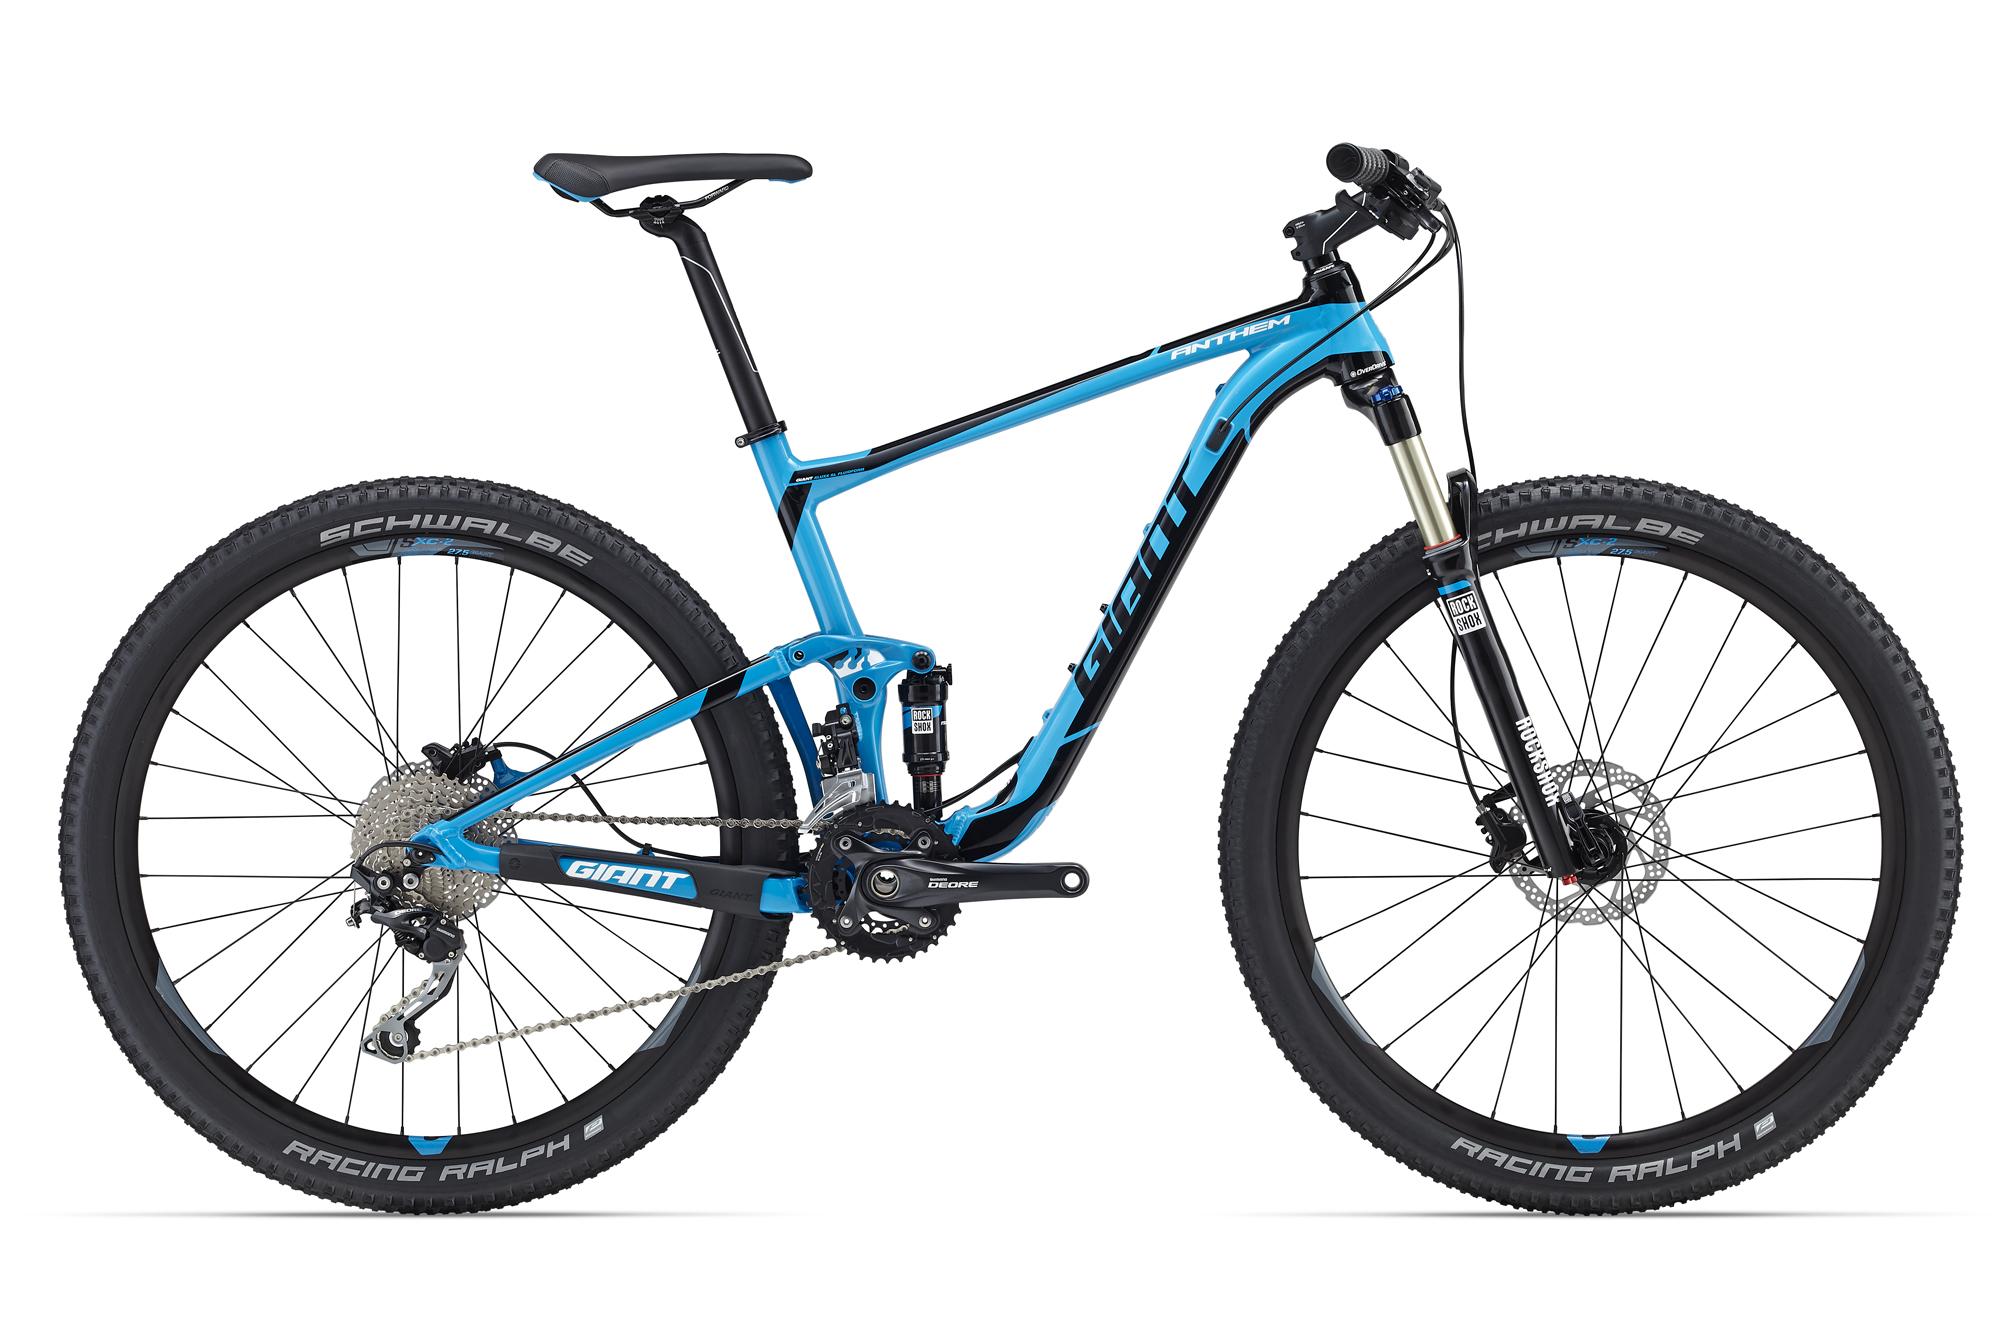 Купить Велосипед Giant Anthem 27.5 3 2016 BLUE / Синий, Двухподвесы, 1262279